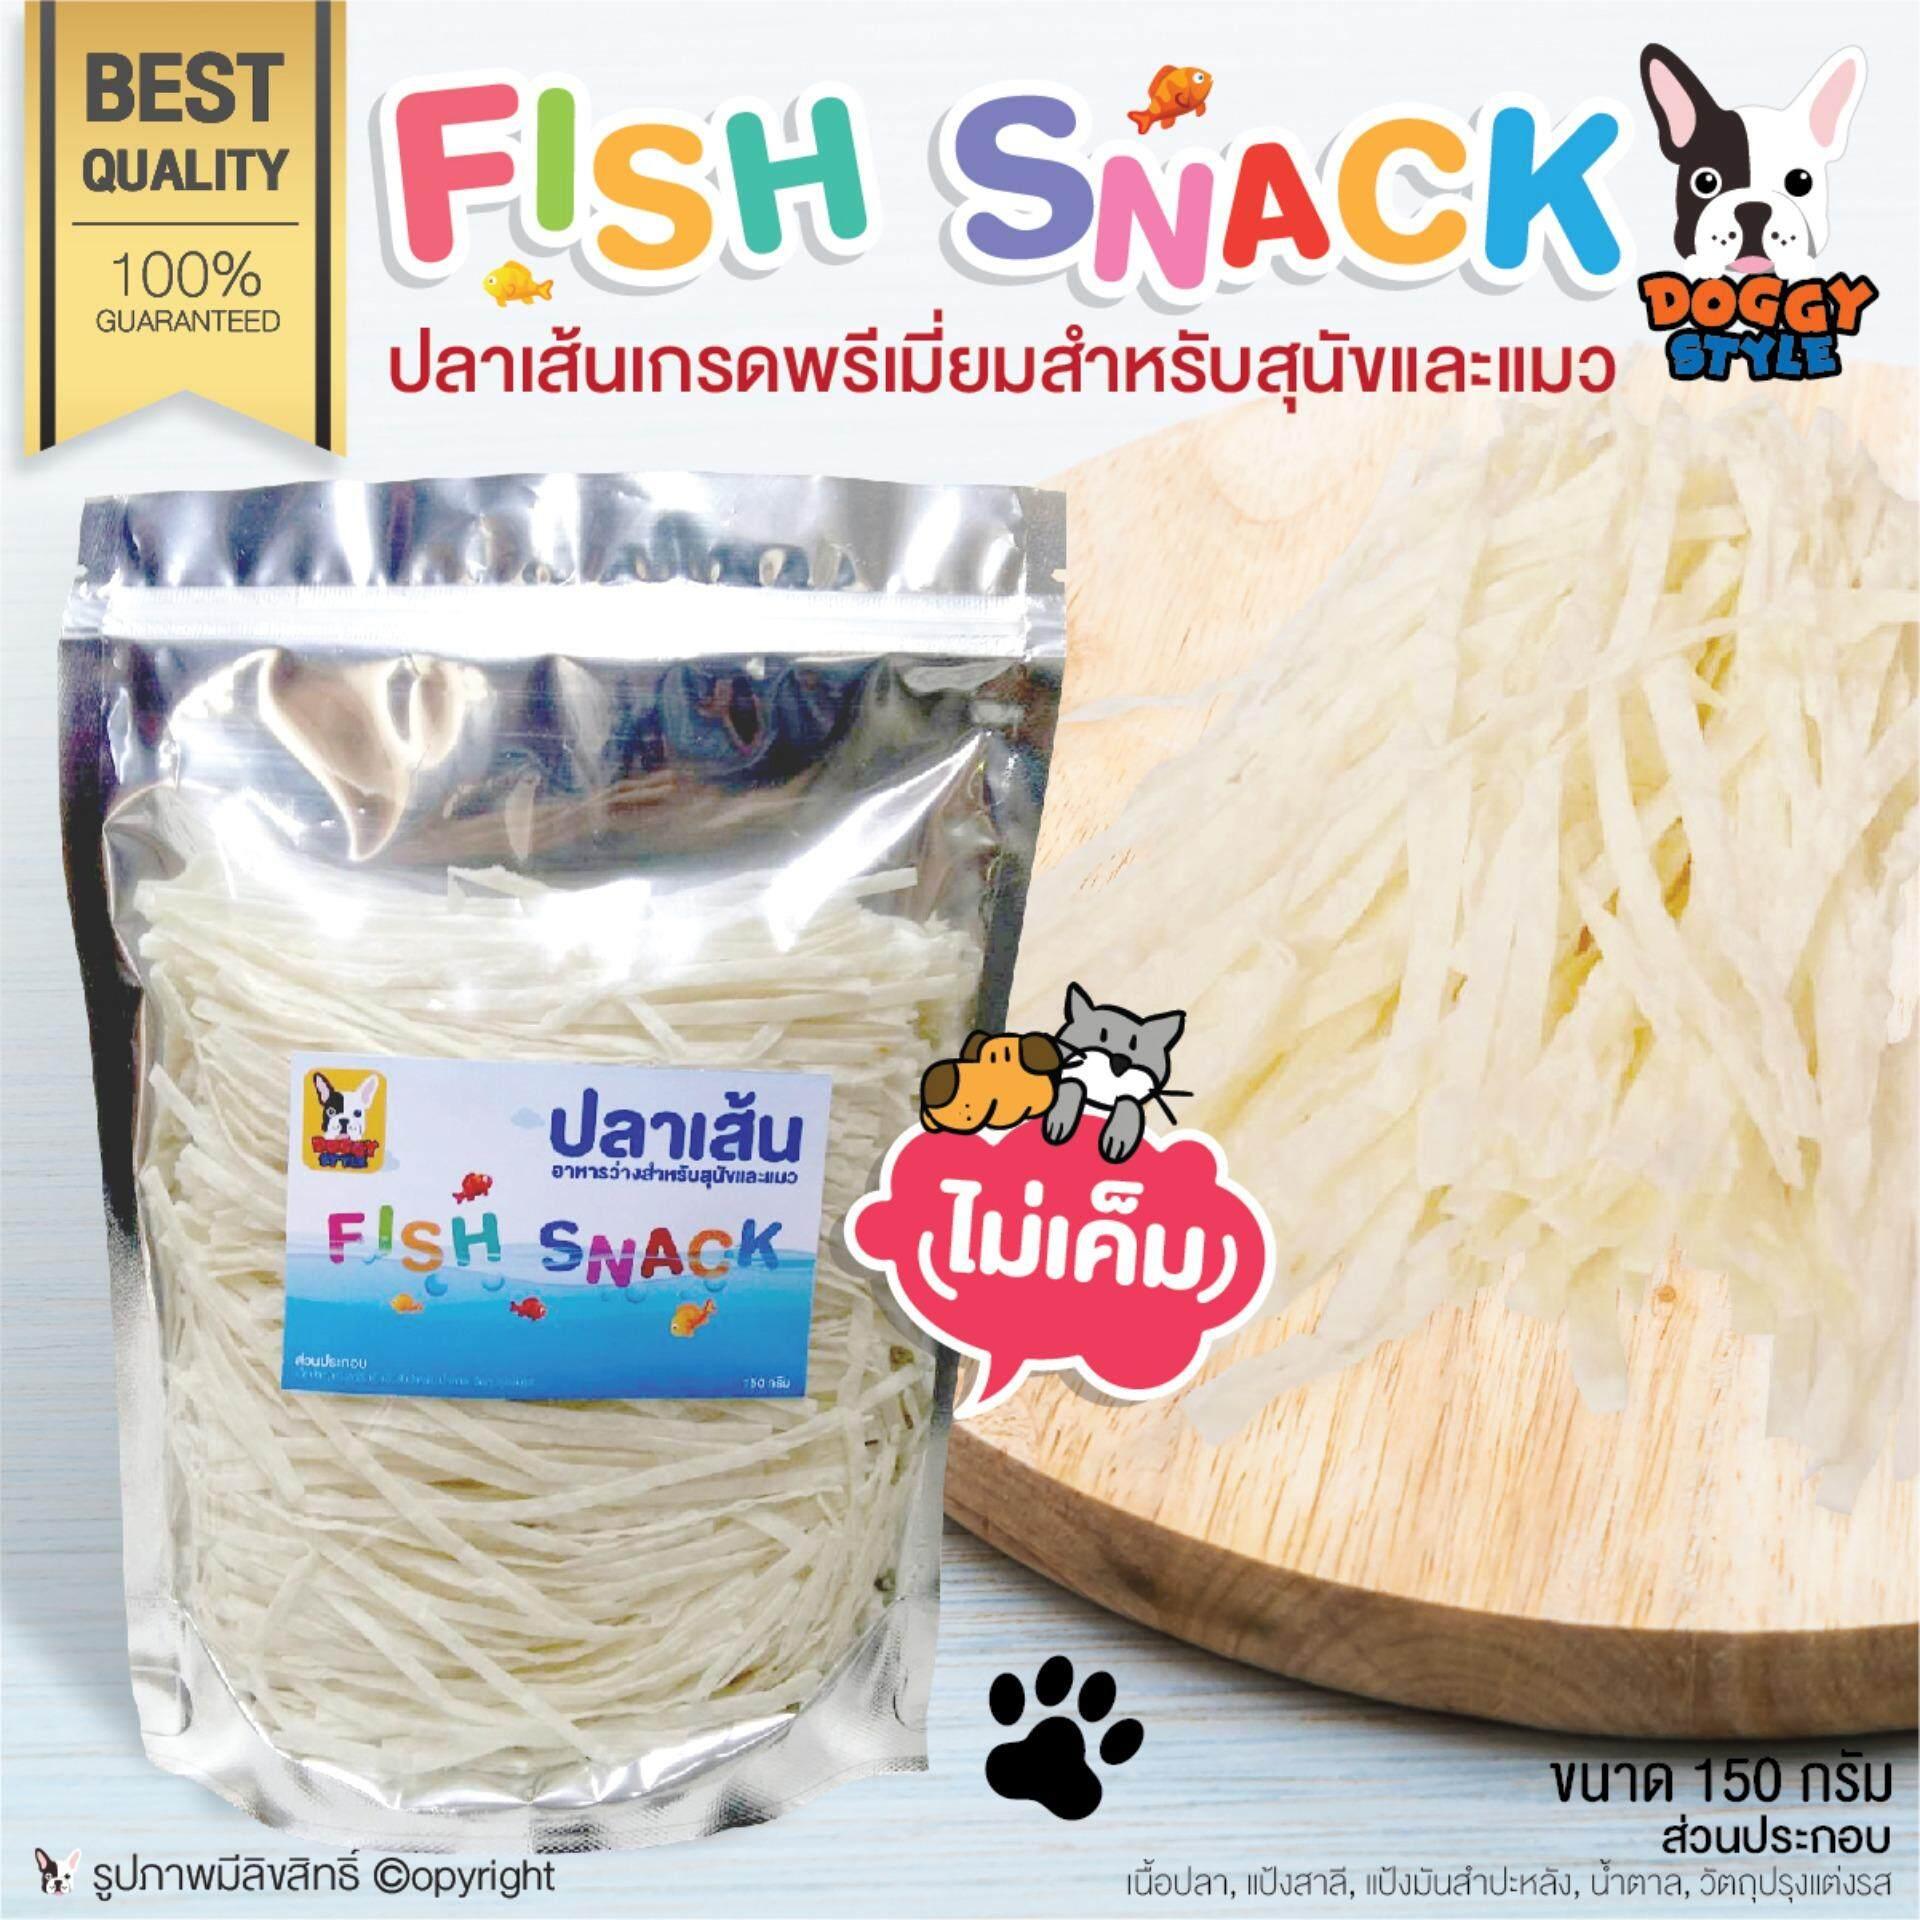 ขนมหมา ขนมแมว ปลาเส้น รสดั้งเดิม ปลาแท้100% ไม่เค็ม ไม่ใส่สี 150 กรัม โดย Yes Pet Shop